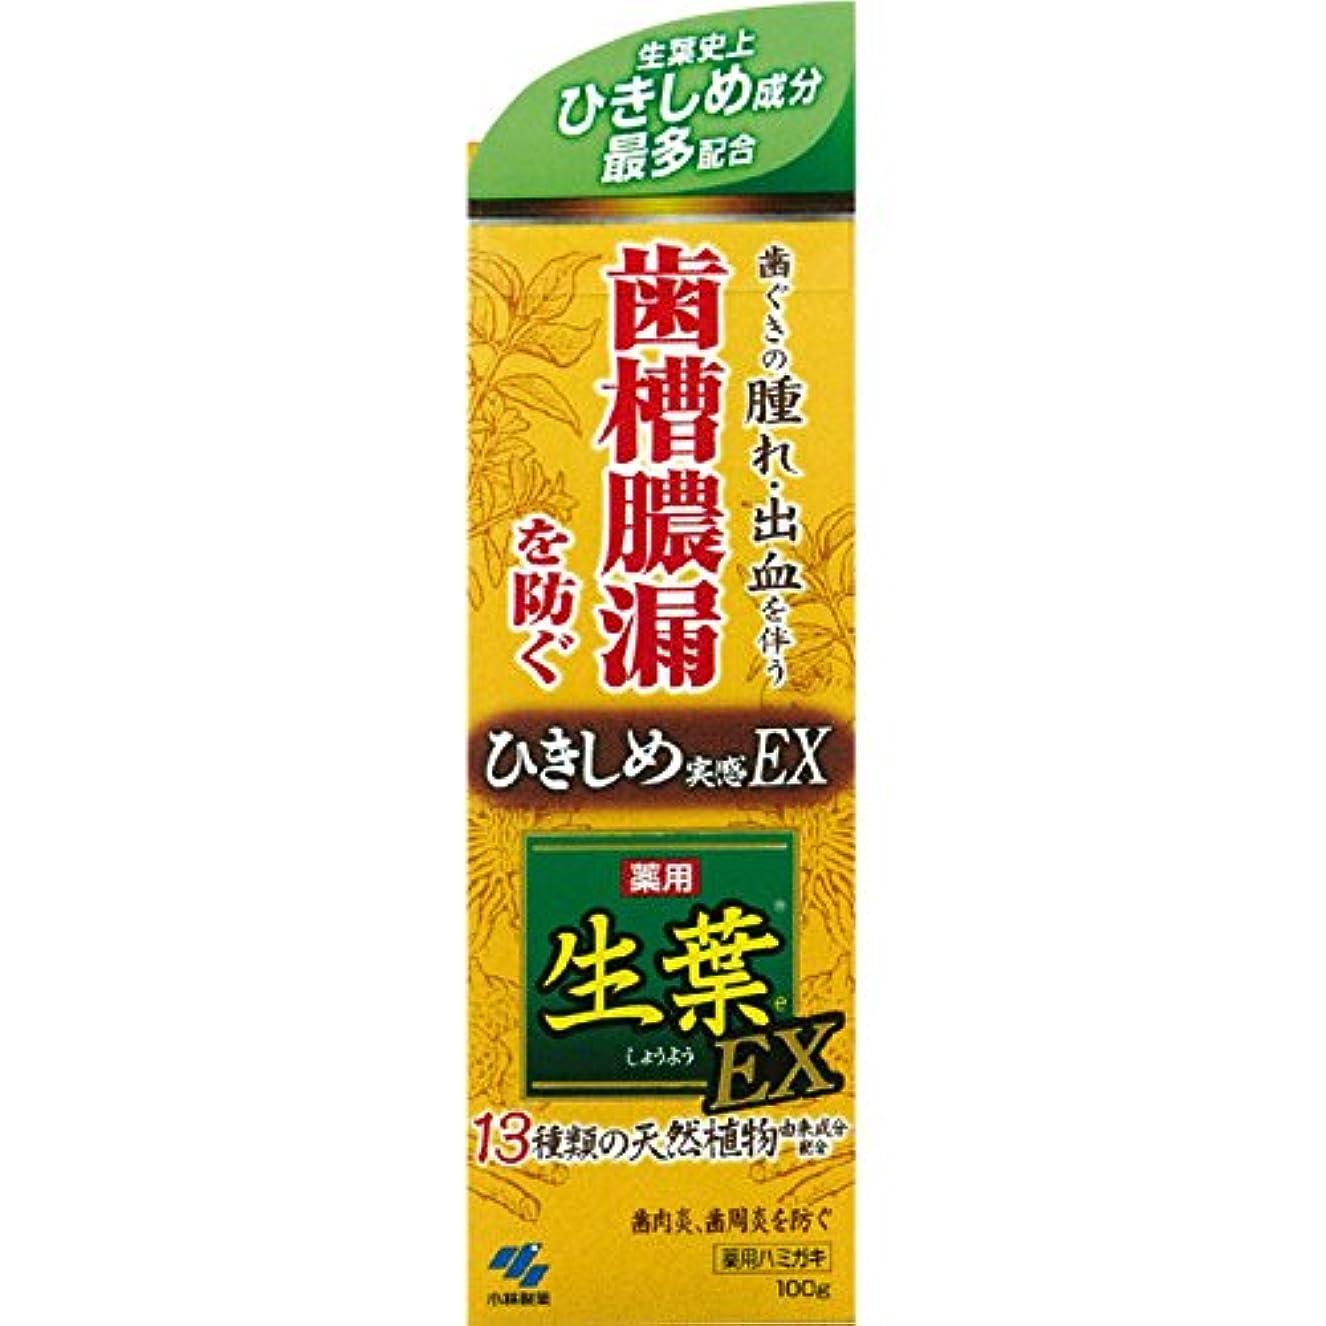 シャークフロー甘味生葉EX 100g x3個セット